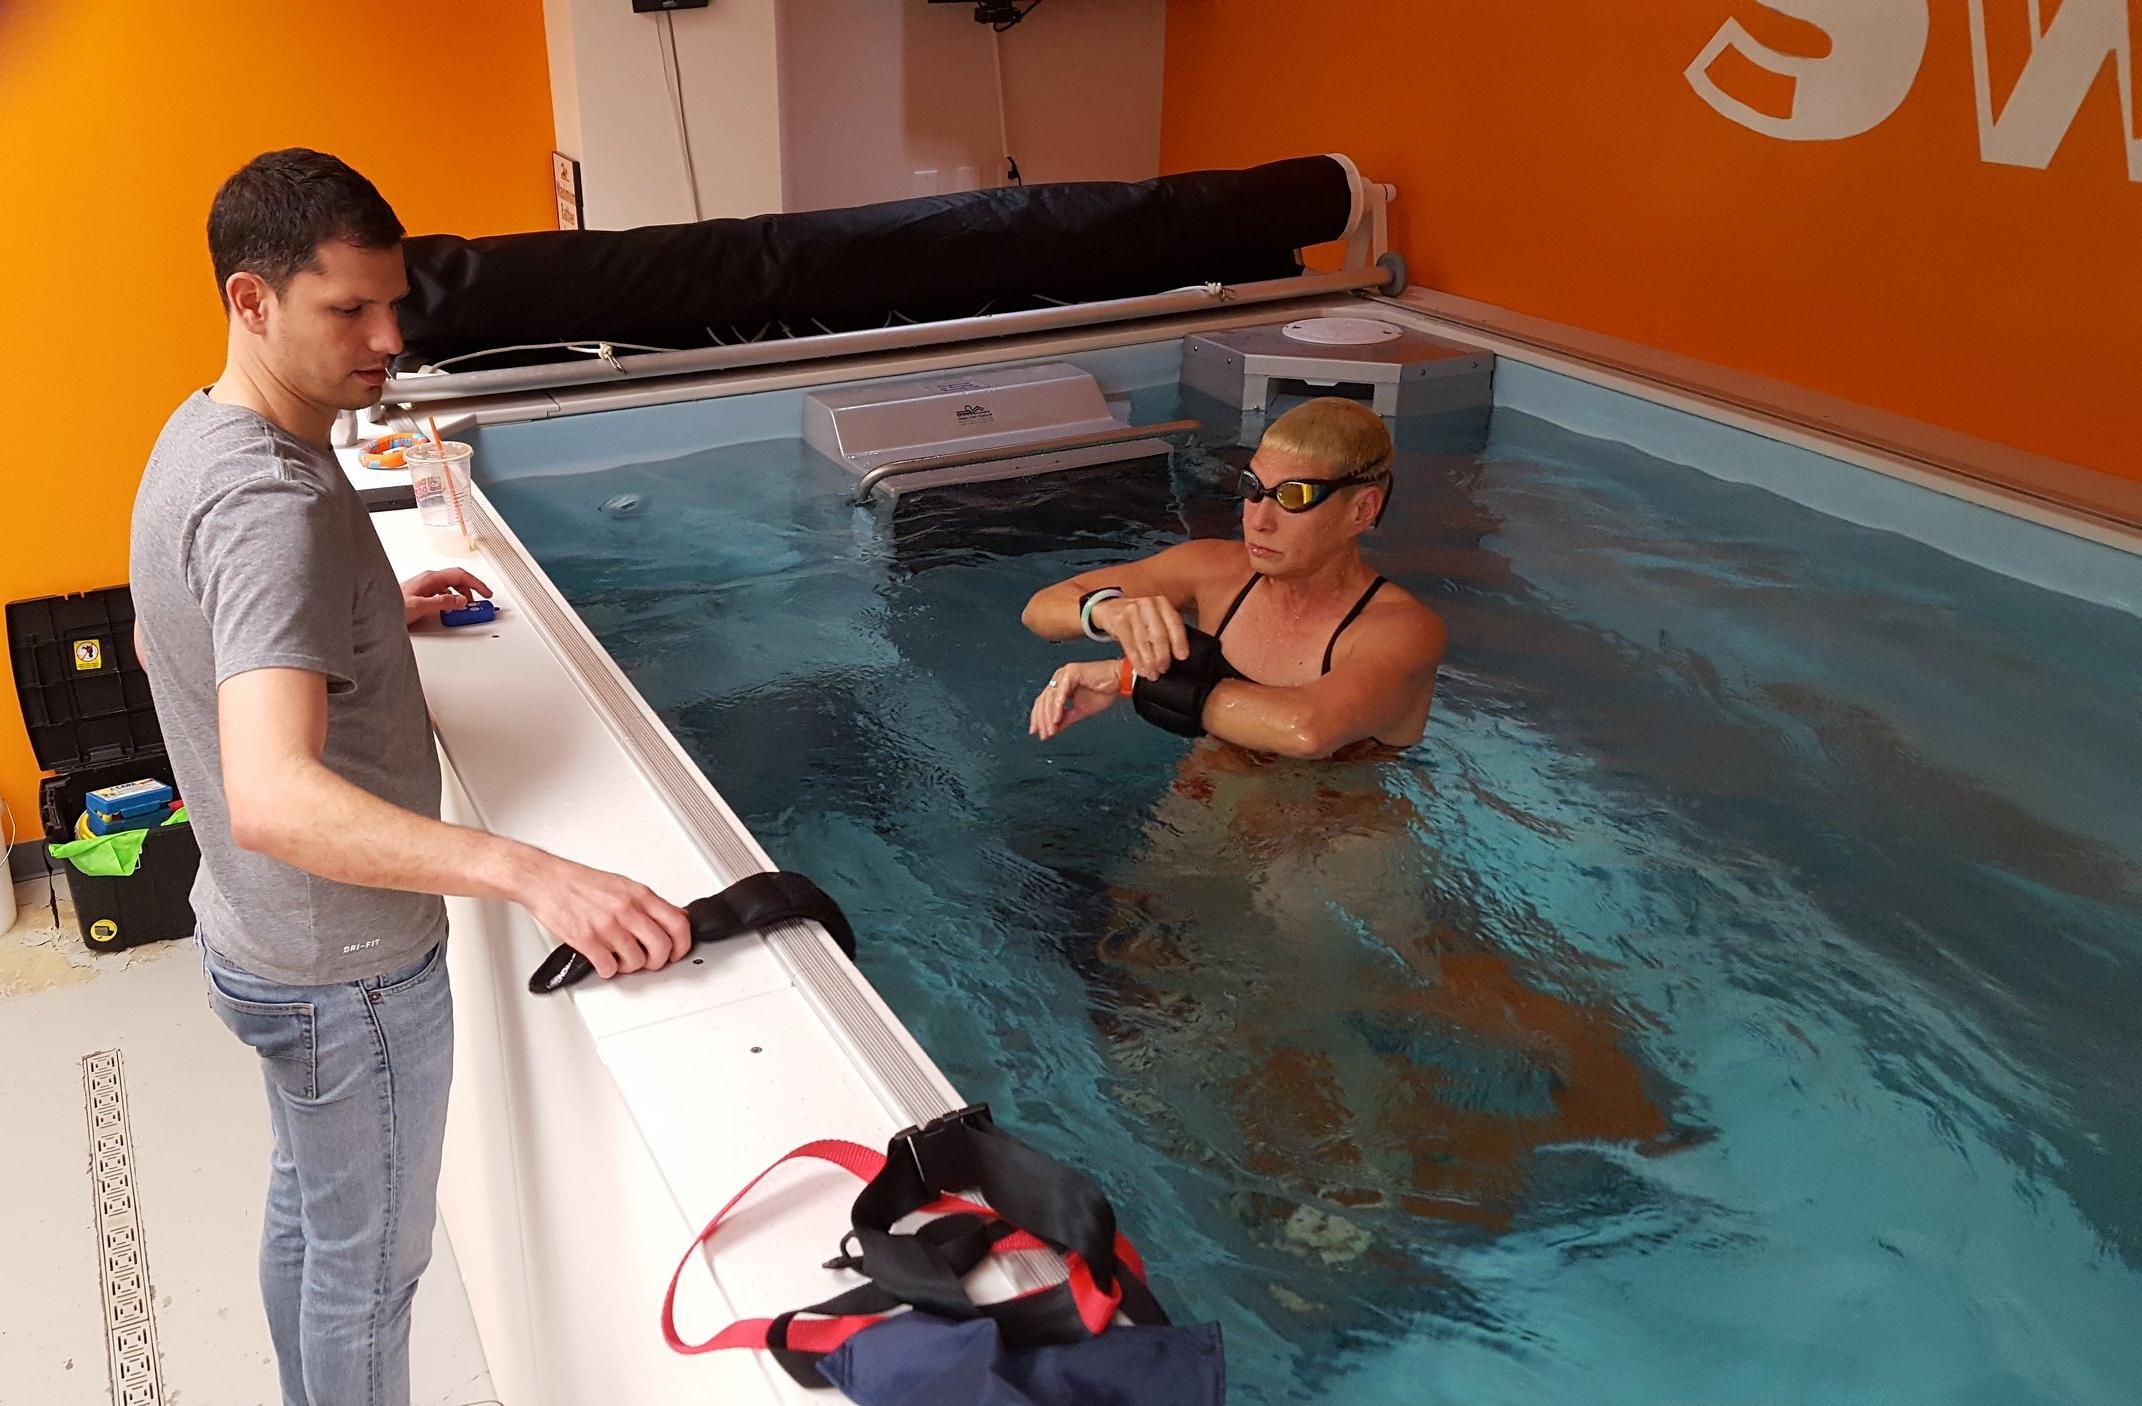 Dominic Latella; private swim lessons